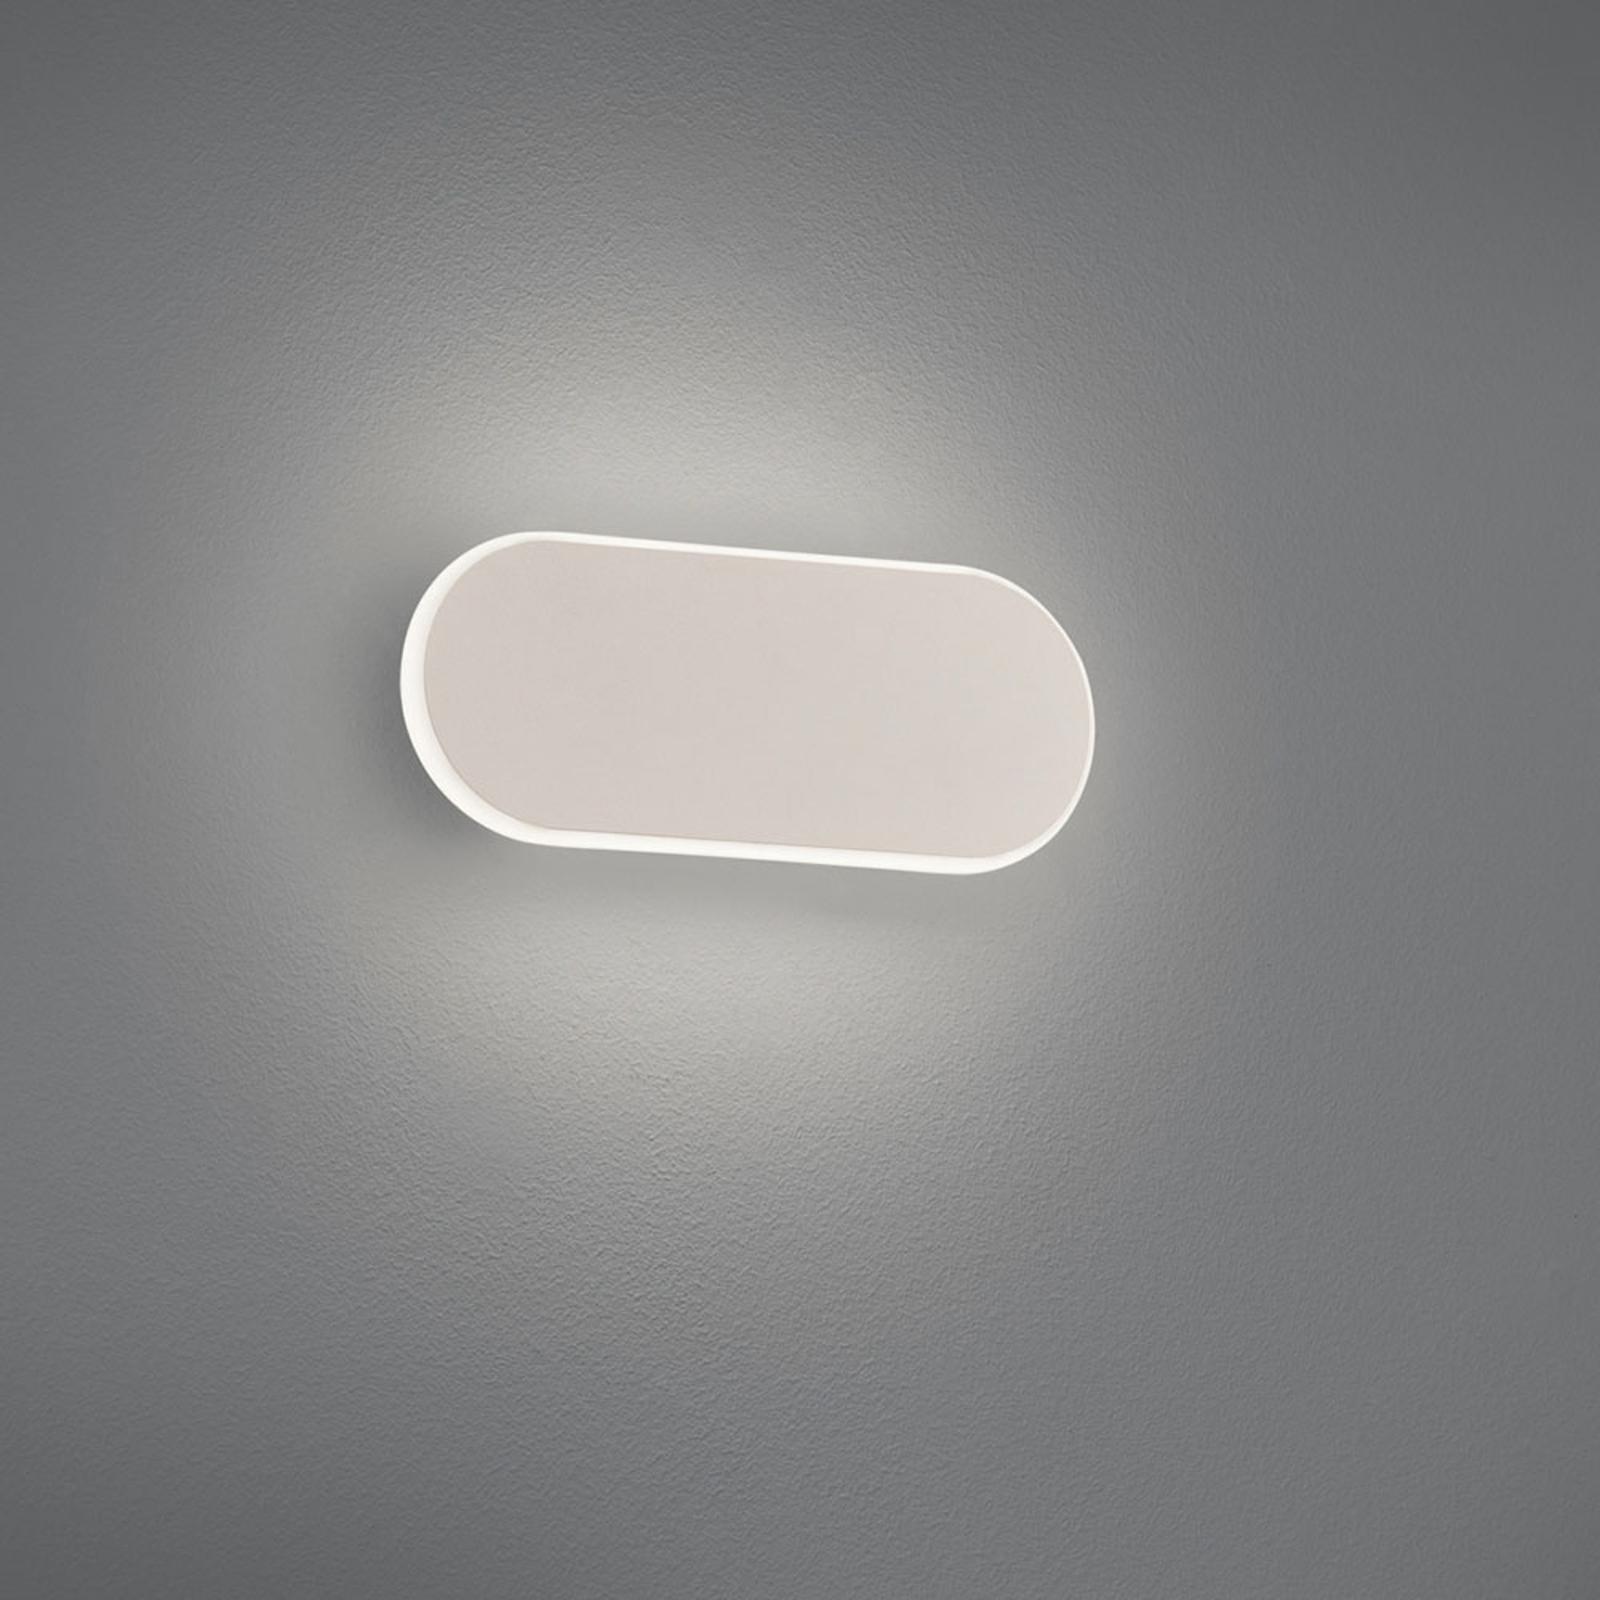 LED wandlamp Carlo, SwitchDim, 20 cm, wit